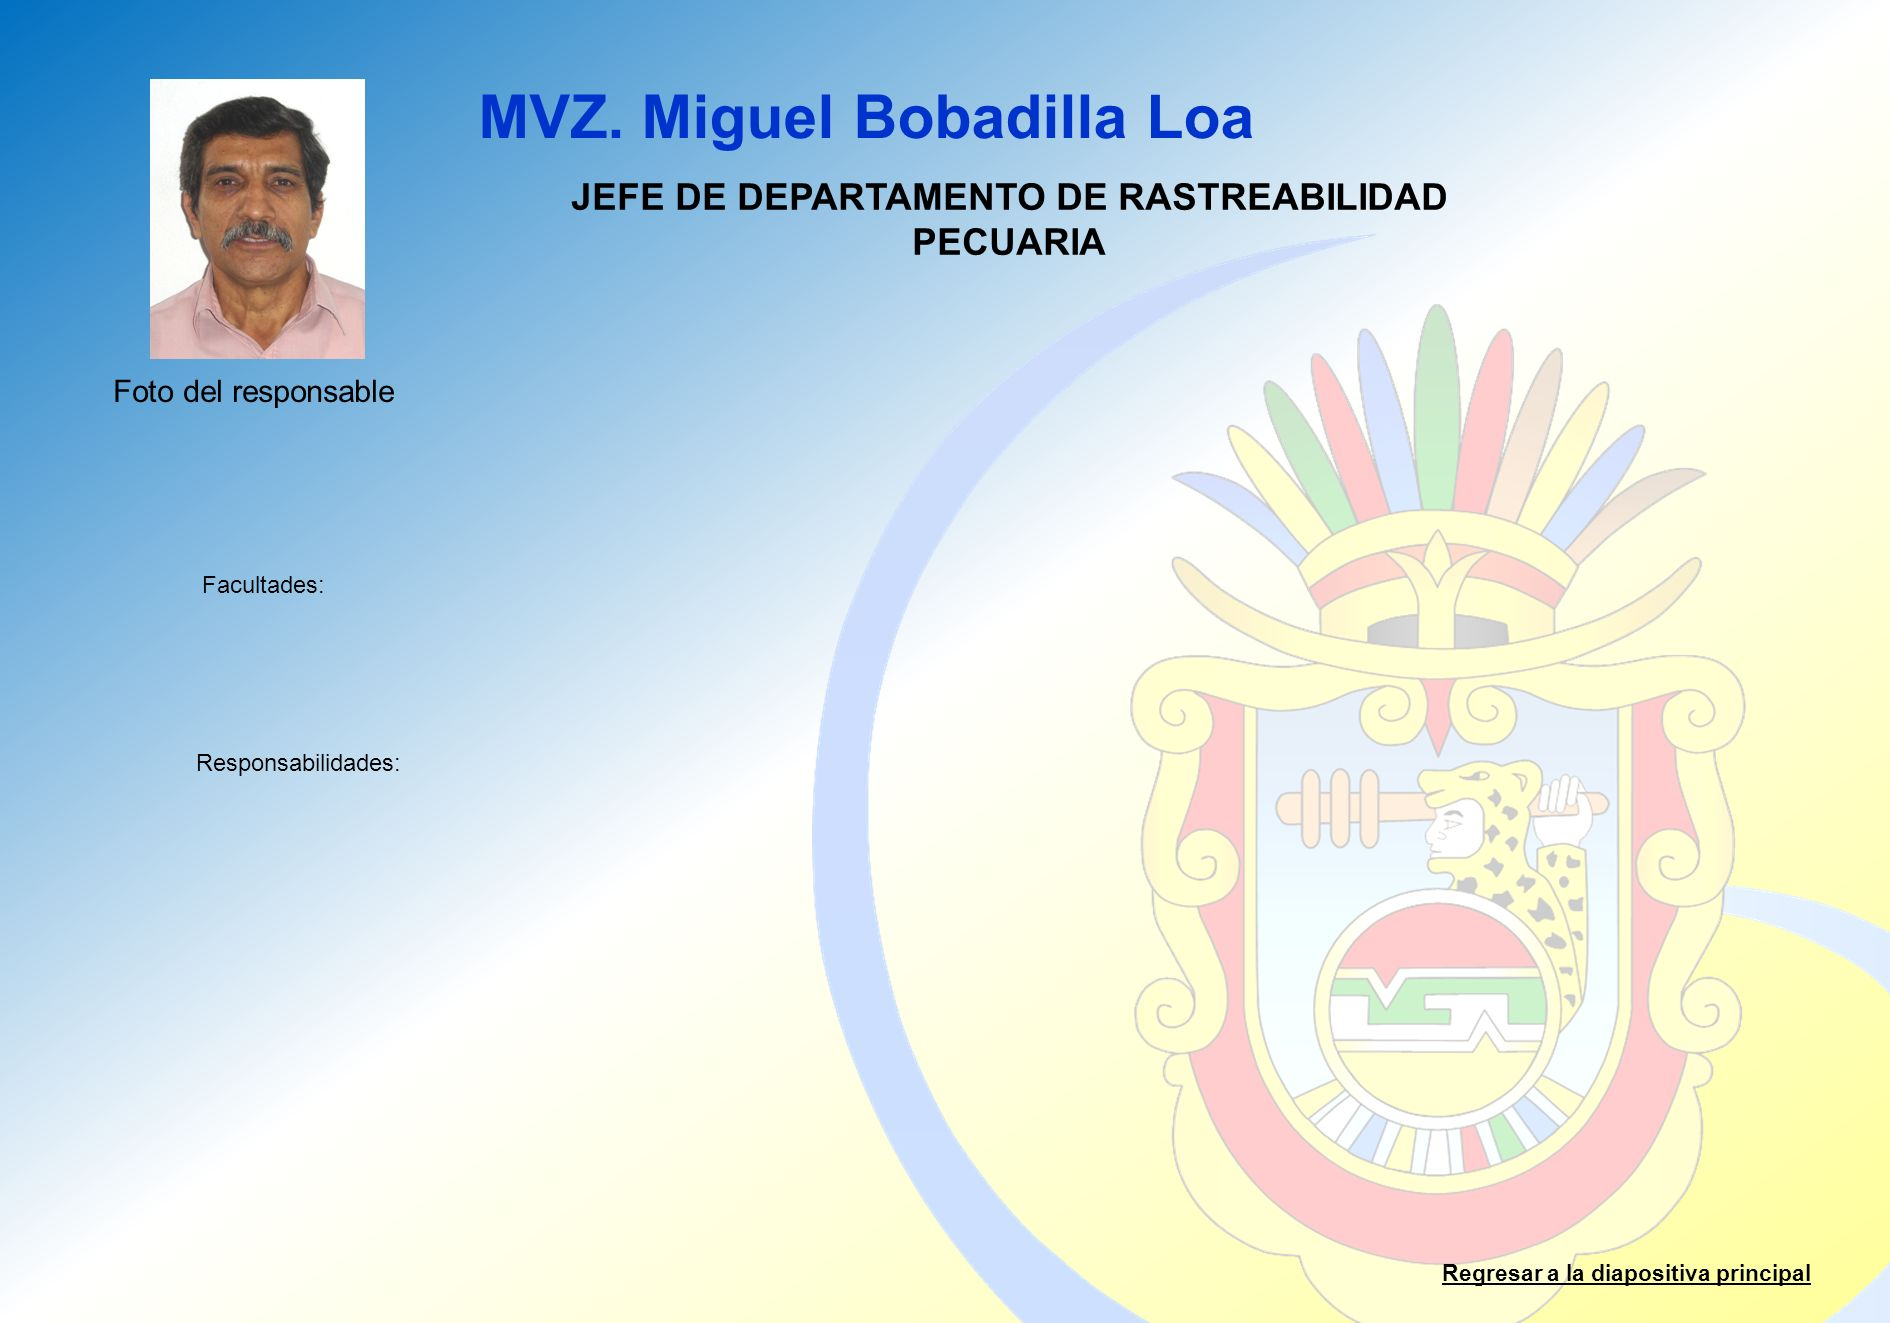 MVZ. Miguel Bobadilla Loa Facultades: Responsabilidades: Regresar a la diapositiva principal JEFE DE DEPARTAMENTO DE RASTREABILIDAD PECUARIA Foto del